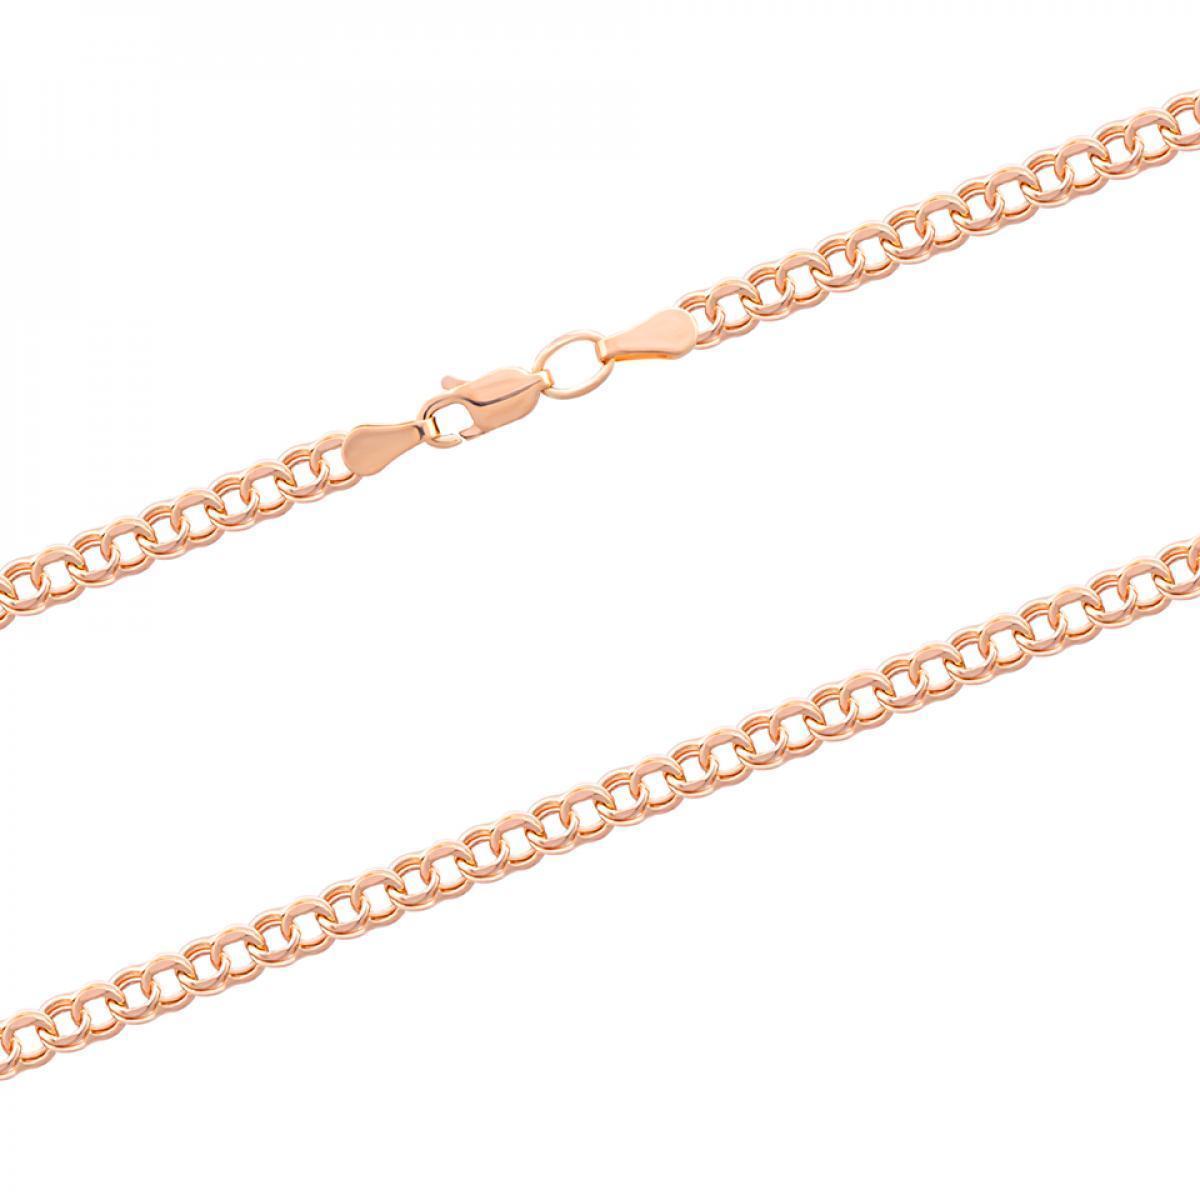 Ланцюжок з червоного золота плетіння гарібальді HLGAR-70/2X K (50)